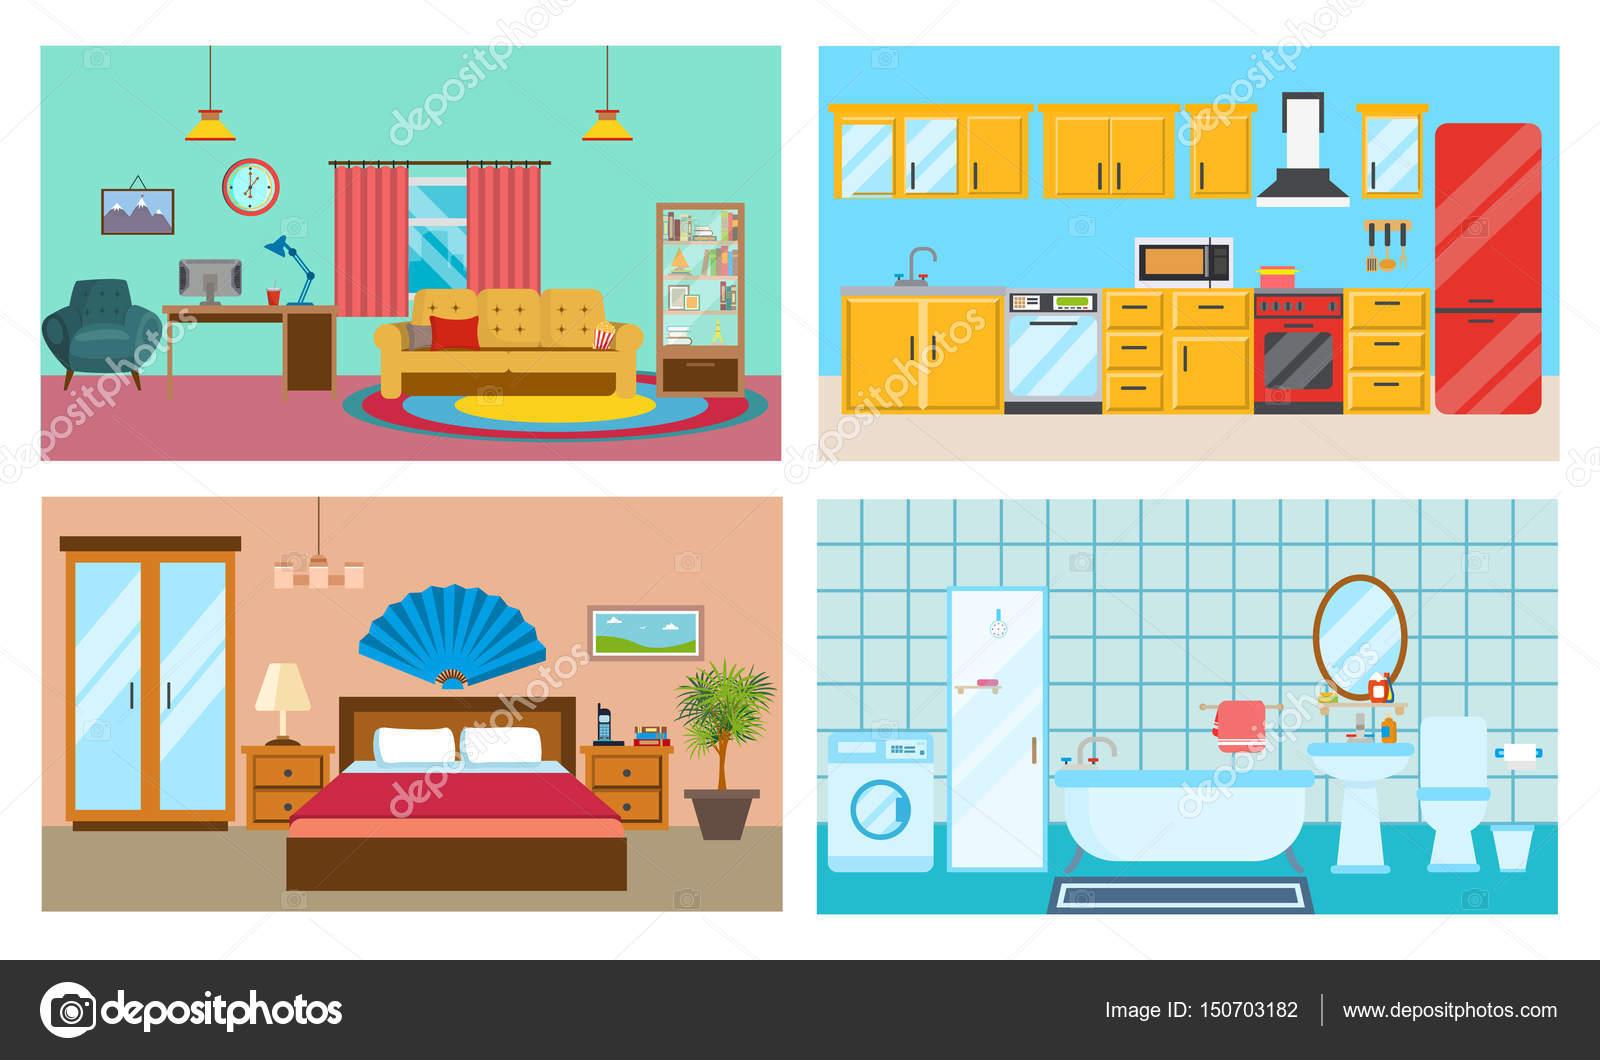 Moderne Einrichtung Der Zimmer: Wohnzimmer Mit Interieur Und Ausstattung,  Küche Mit Möbeln, Stilvollen Badezimmer Und Schlafzimmer.